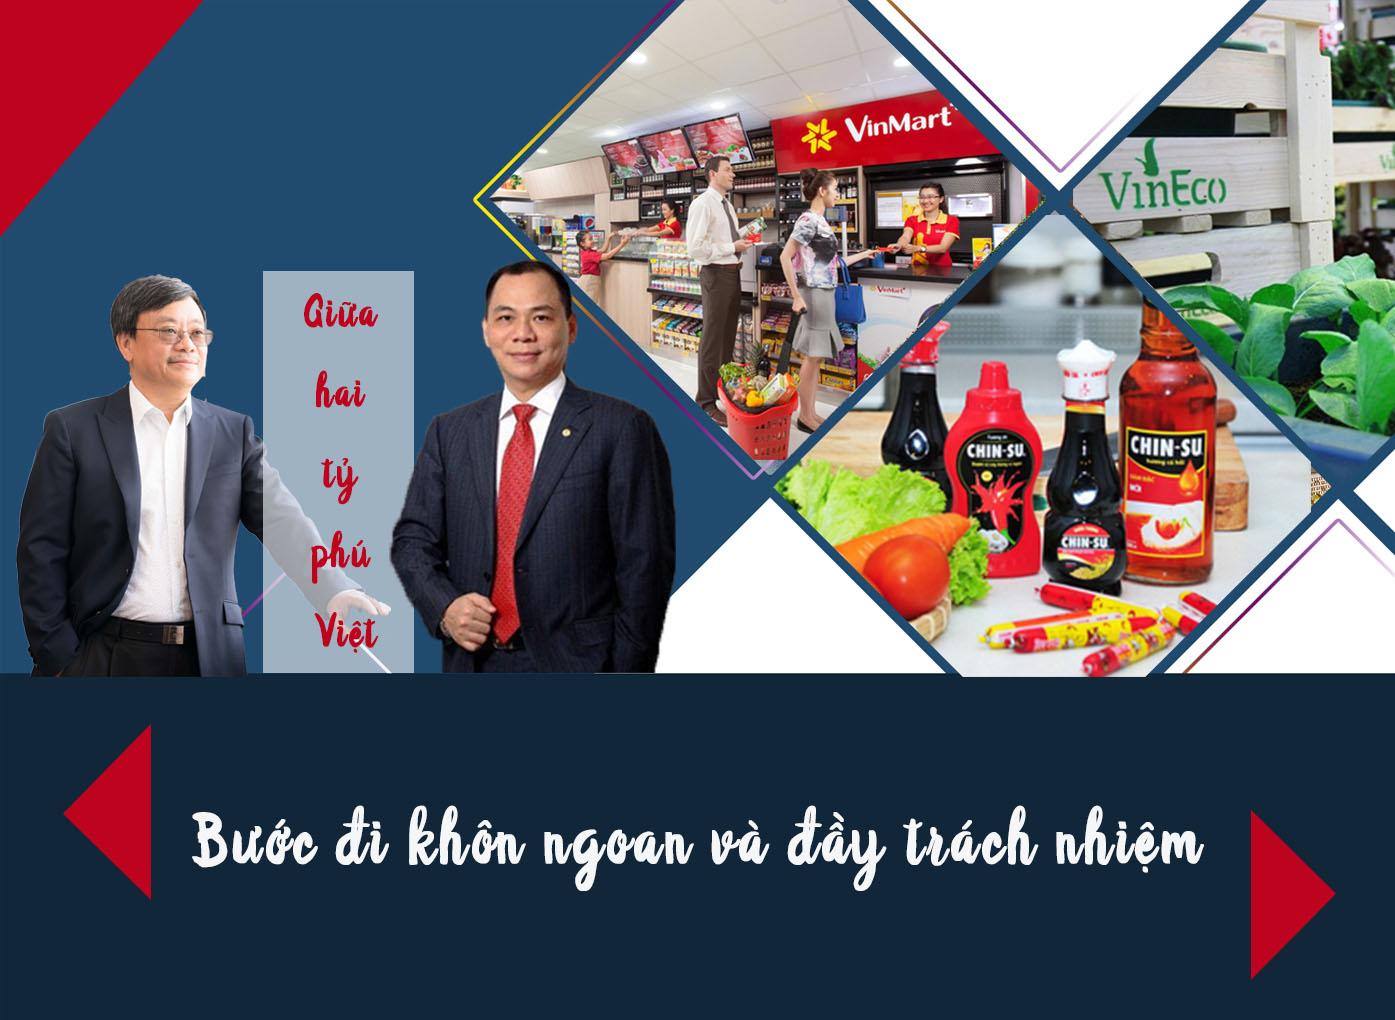 Thương vụ lịch sử giữa 2 tỷ phú Việt: Bước đi khôn ngoan và đầy trách nhiệm